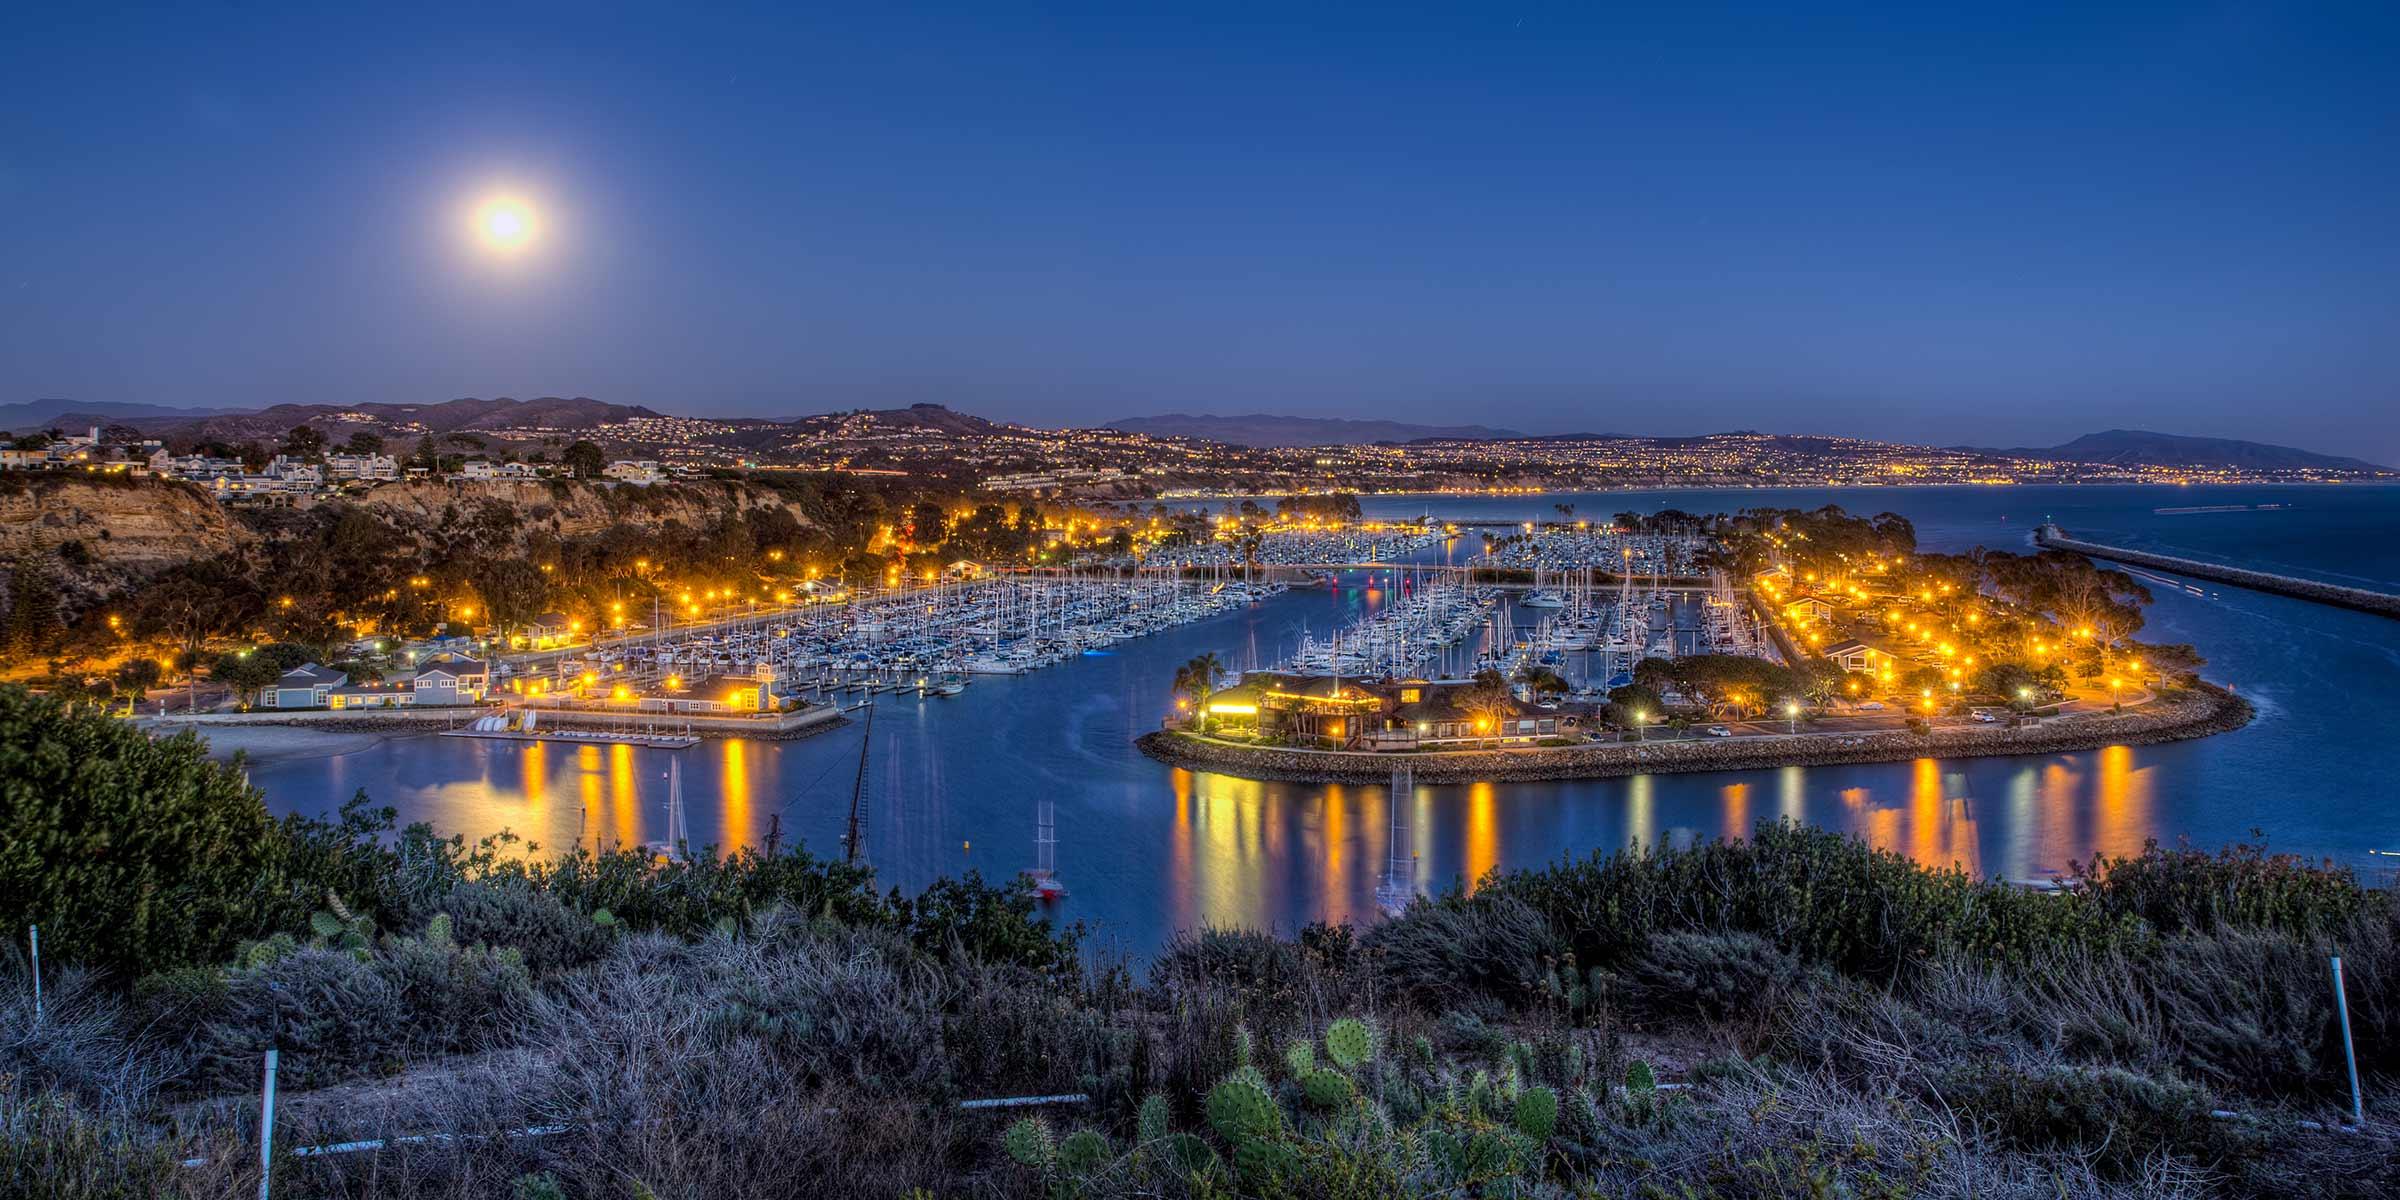 Dana Point Harbor, California